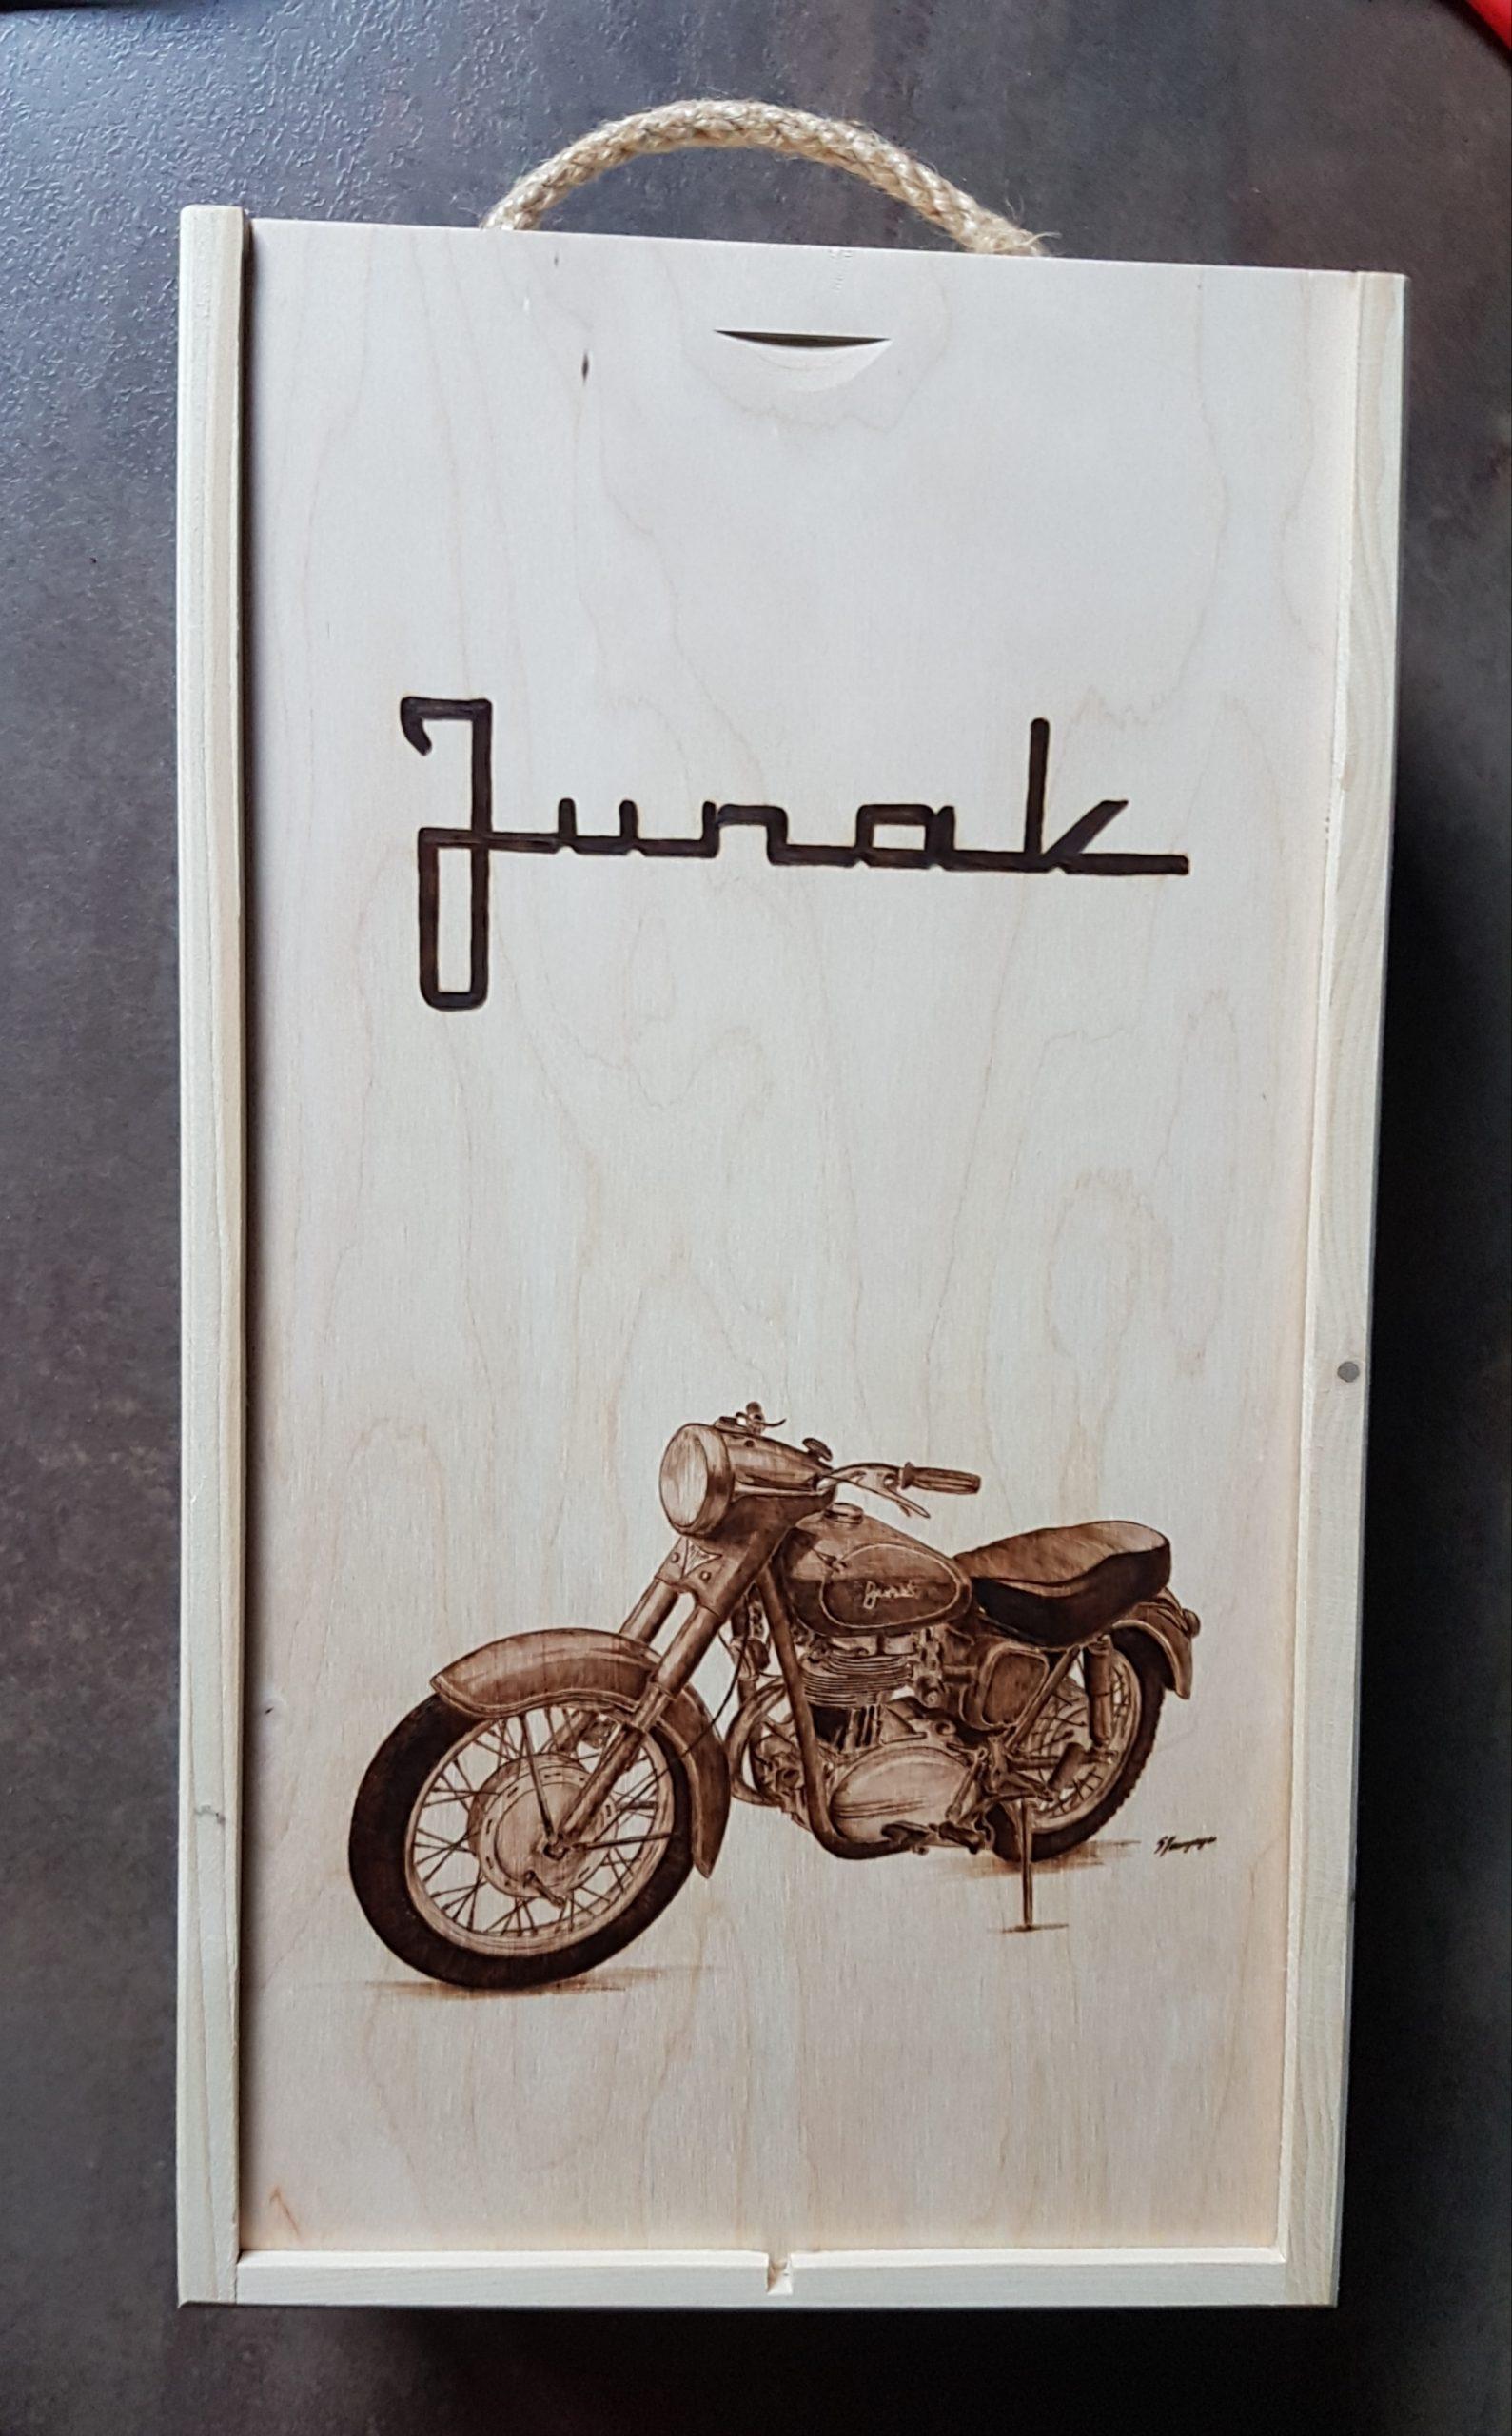 wypalanie w drewnie, sylwia, pirografia, janczyszyn, pyrography, handmade, rękodzieło, pomysł na prezent, pudełko na wino, junak